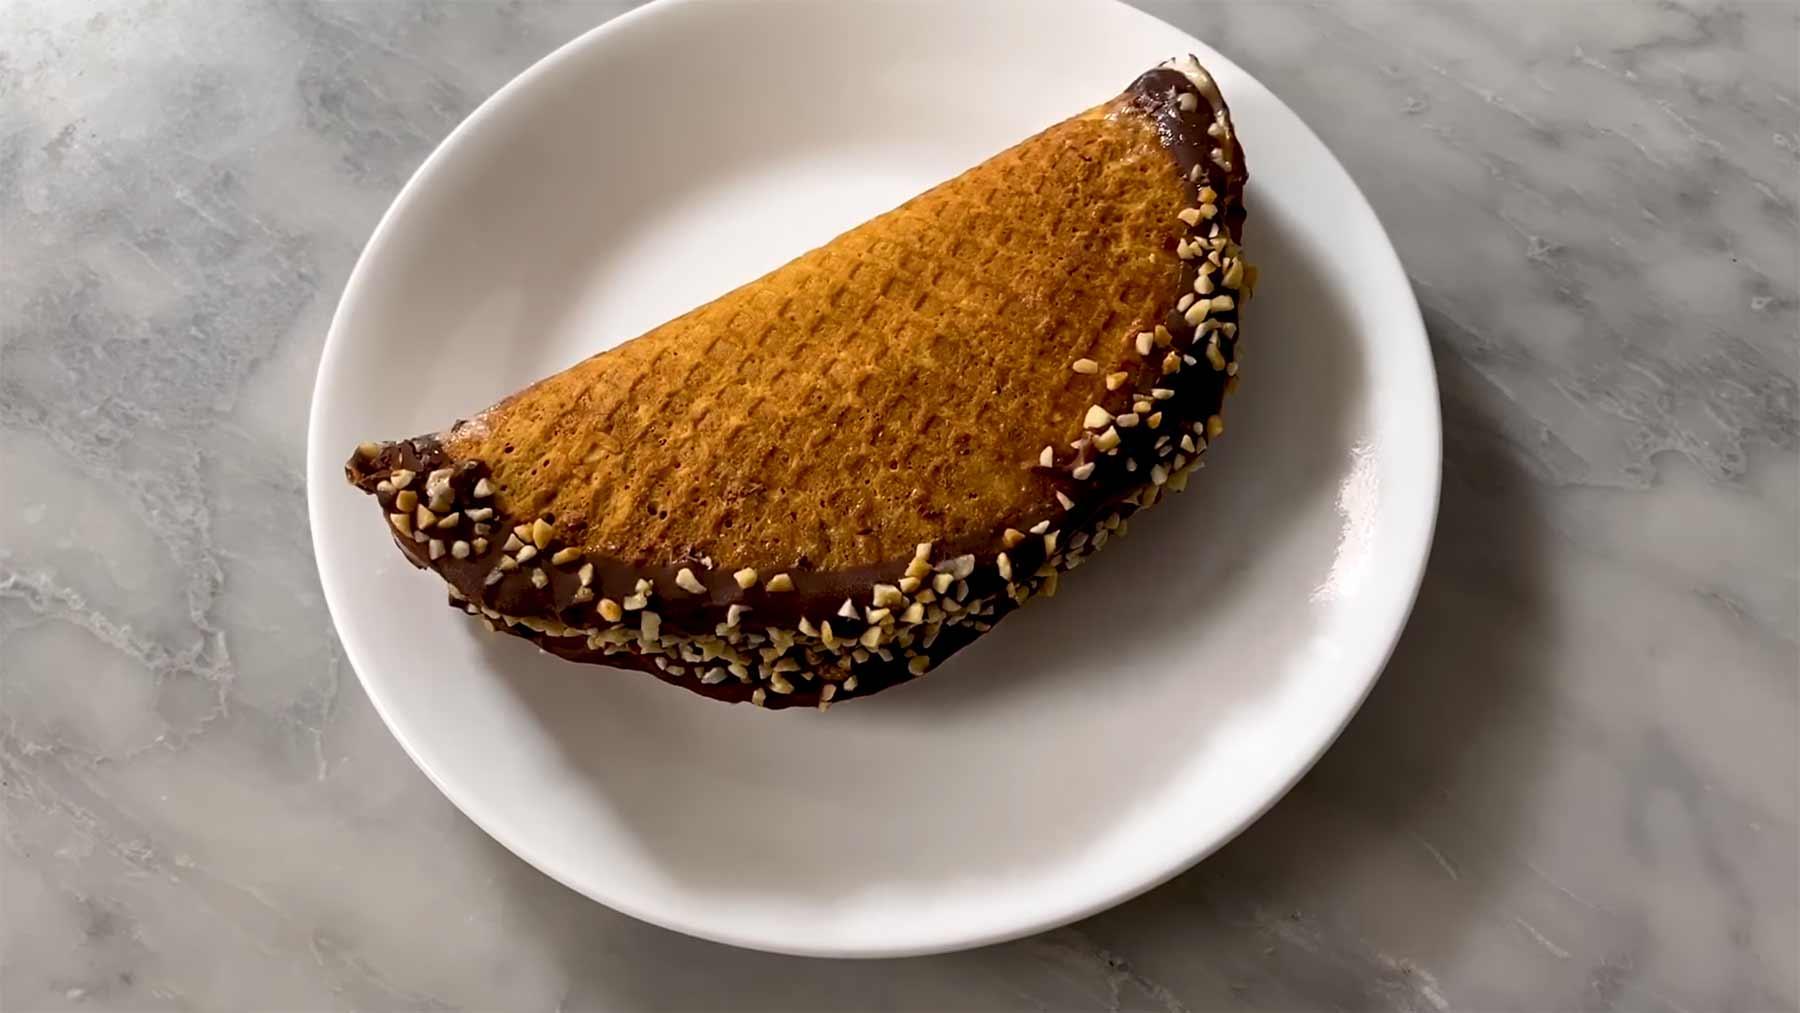 Gourmet-Köchin versucht, Choco Tacos selbst nachzumachen